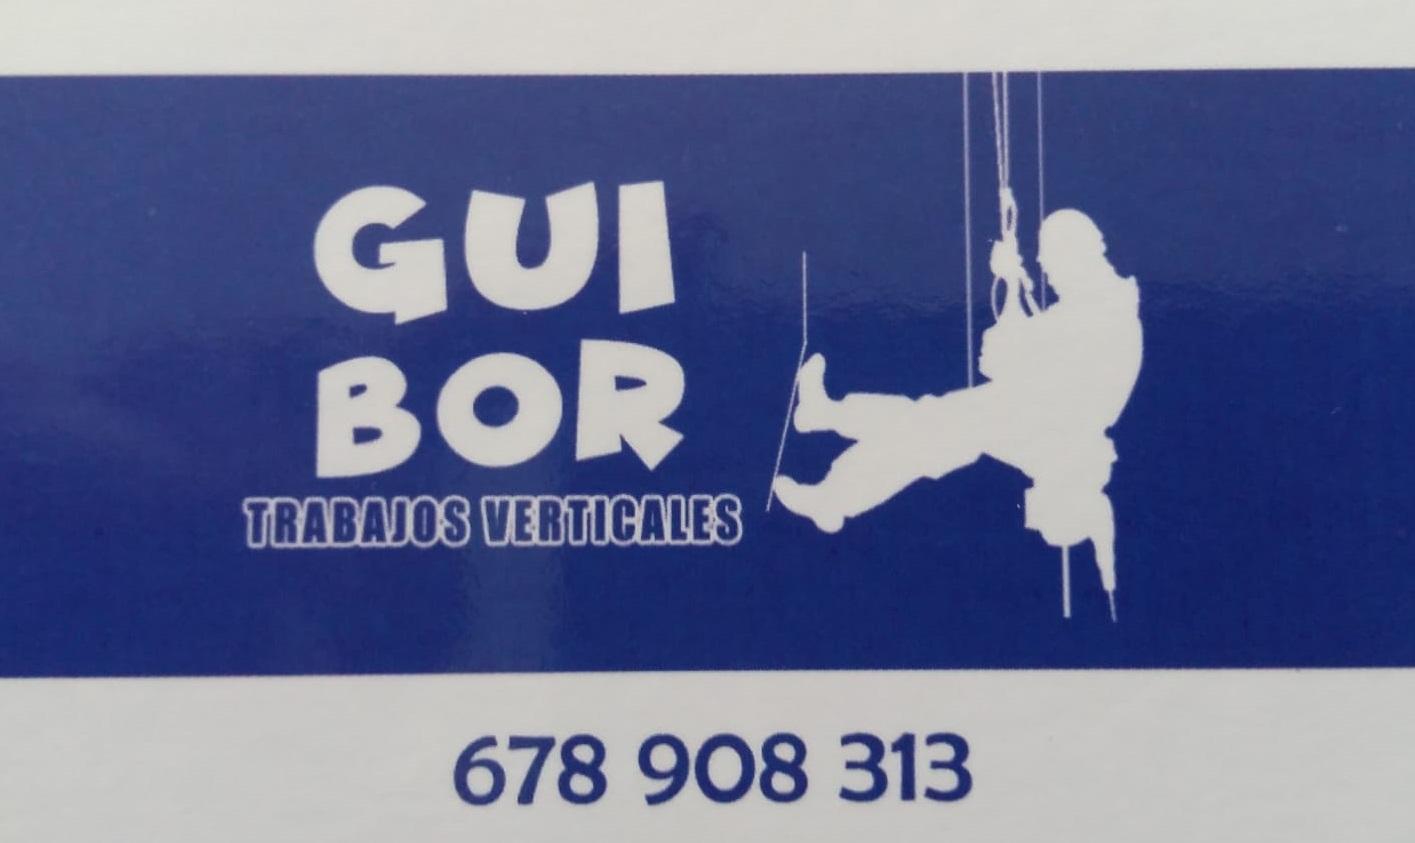 Fachadas Guibor